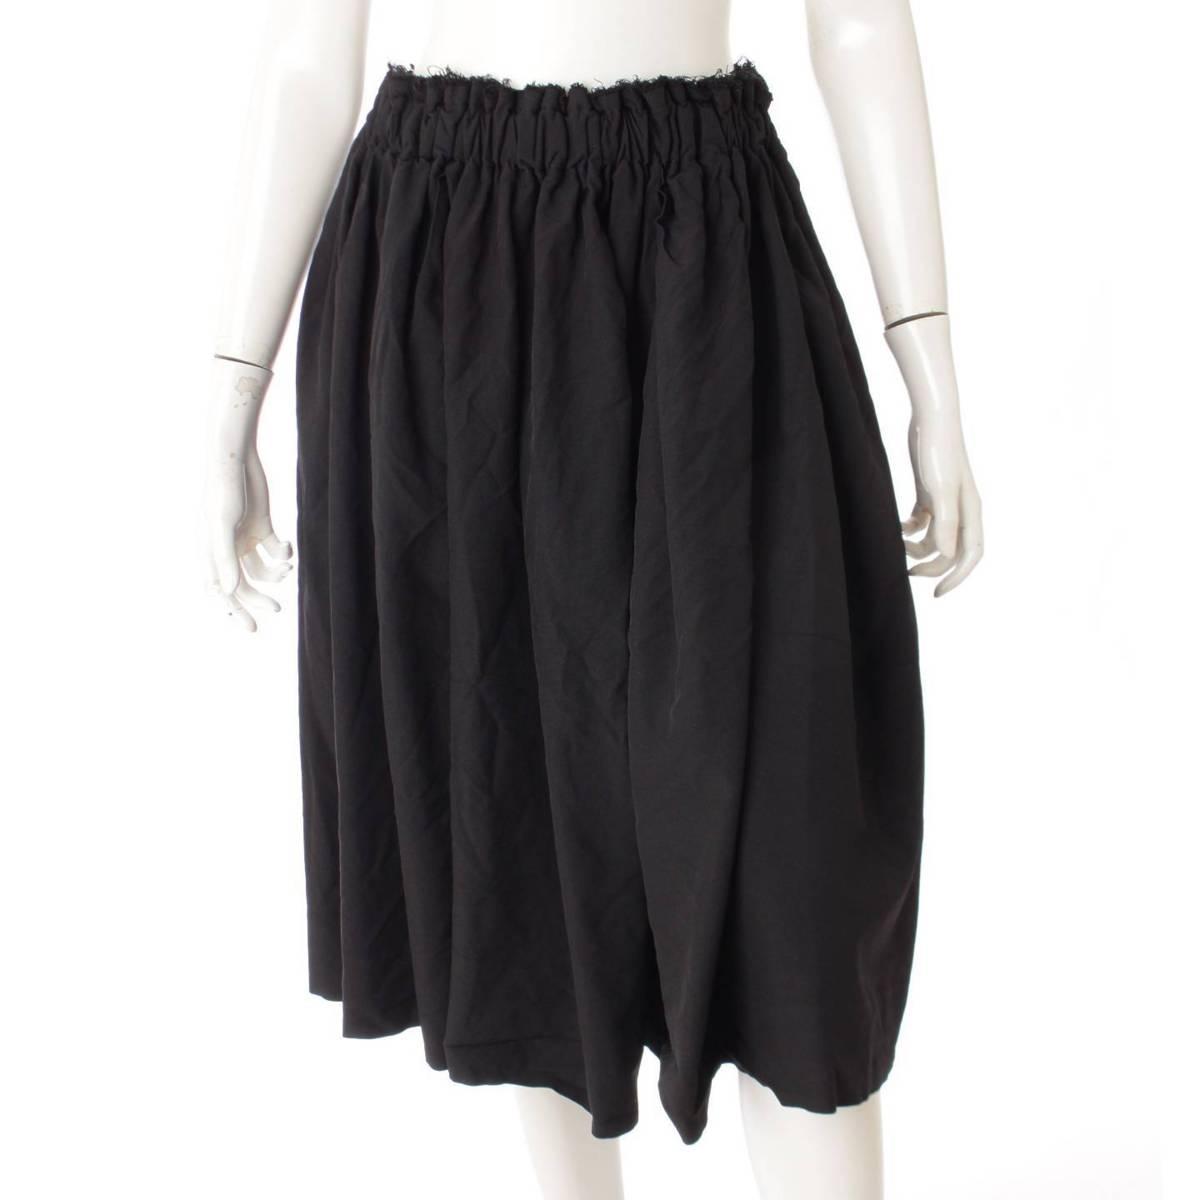 【コム デ ギャルソン】Comme des Garcons 19SS カットオフスカート GC-S026 ブラック XS 【中古】【鑑定済・正規品保証】91483